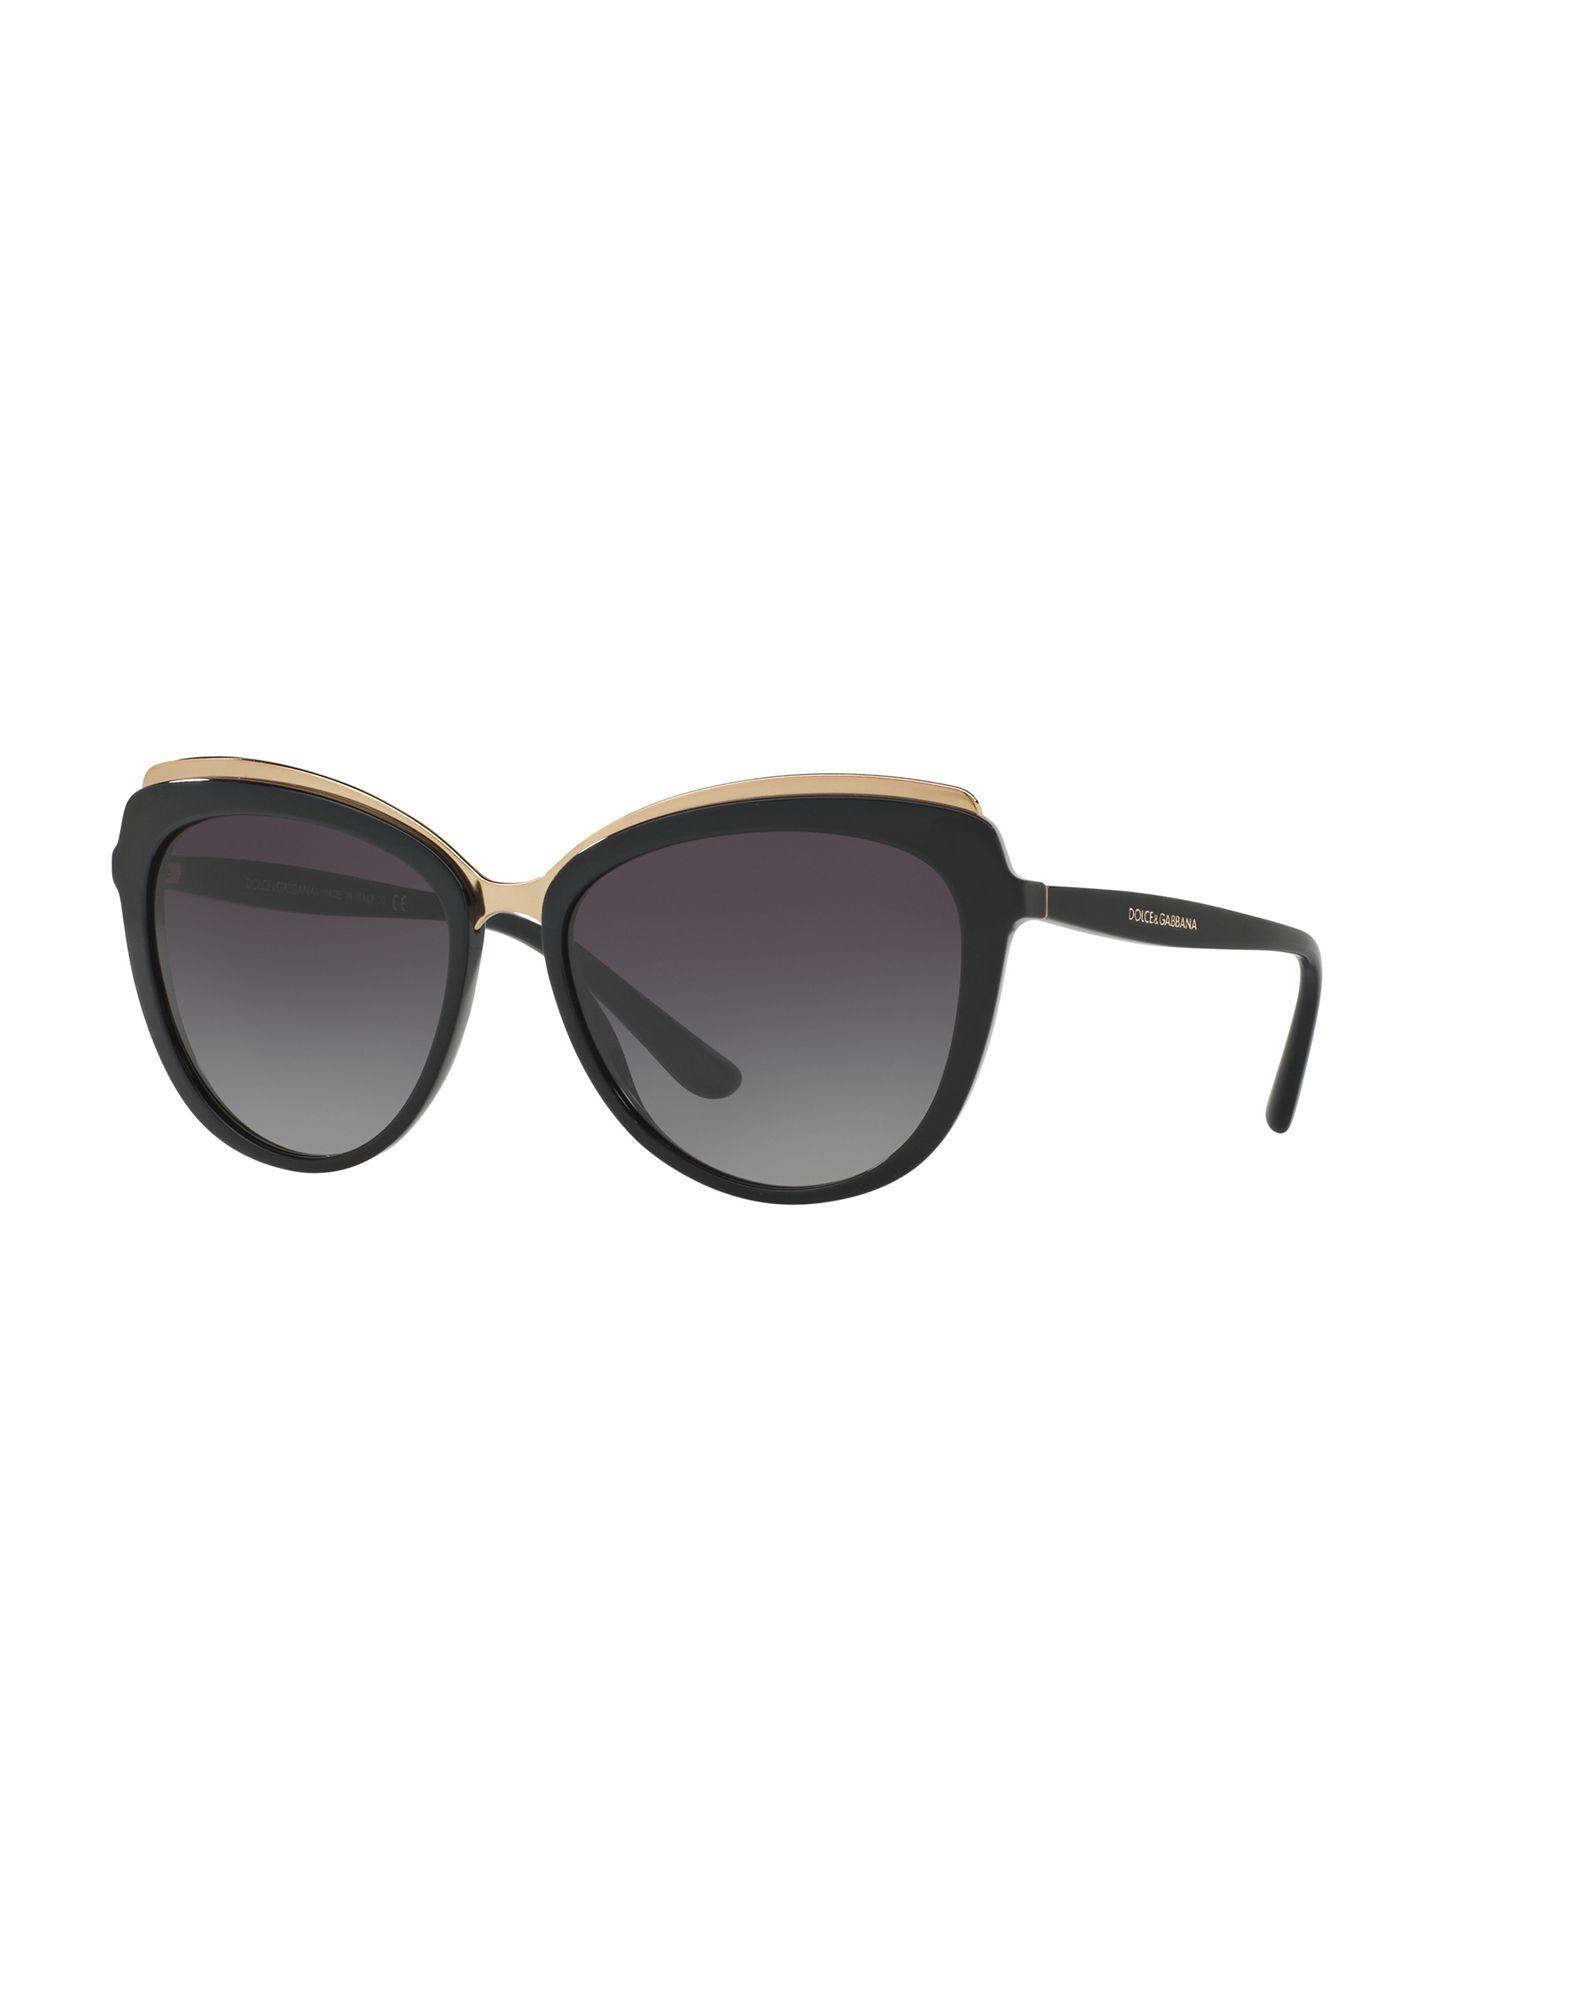 Occhiali Da Sole Donna Dolce & Gabbana Collezione Primavera-Estate e  Autunno-Inverno - Acquista online su YOOX